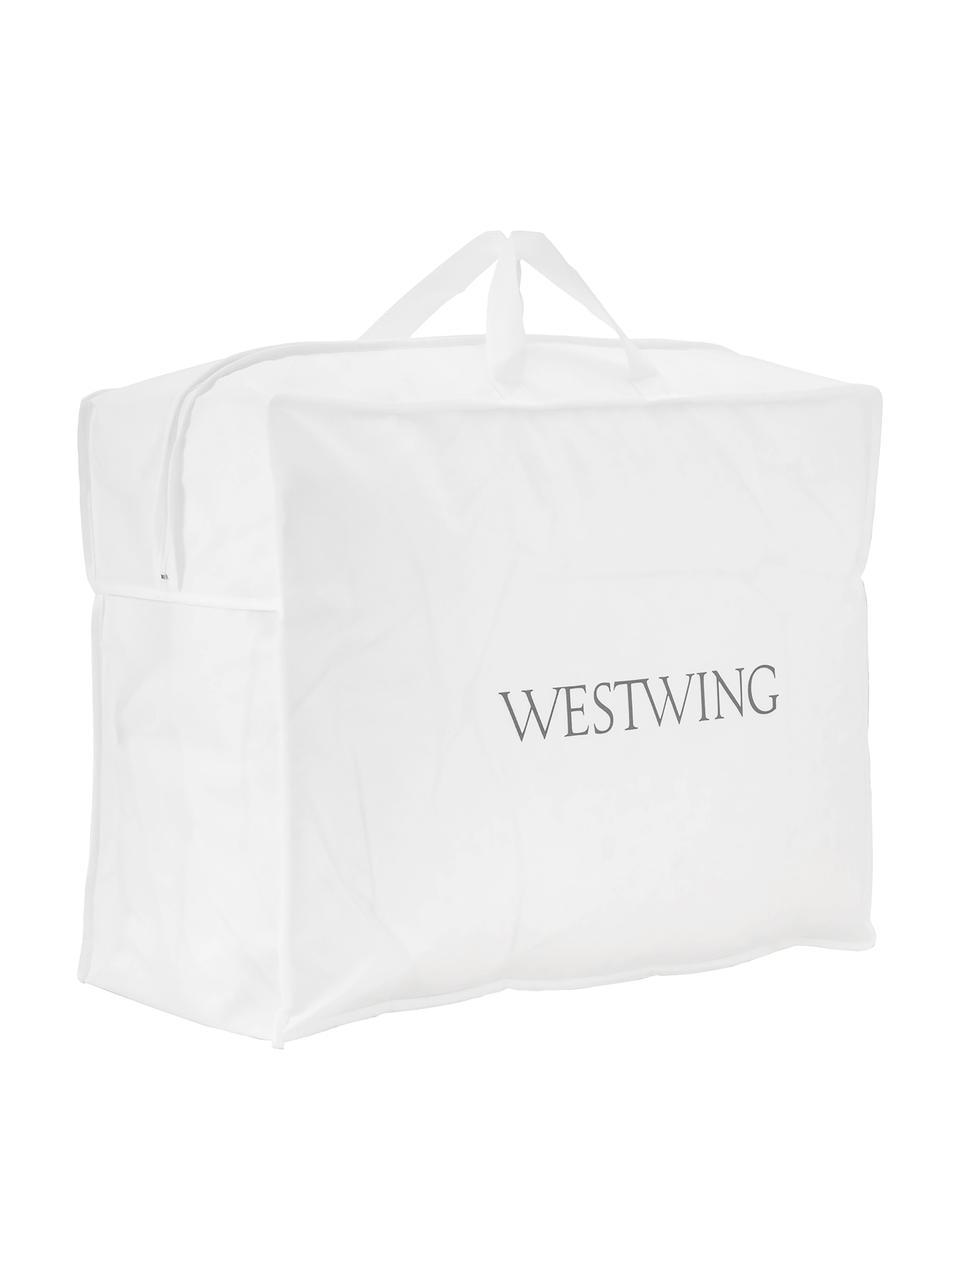 Daunen-Bettdecke Comfort, leicht, Hülle: 100% Baumwolle, feine Mak, Weiß, 135 x 200 cm